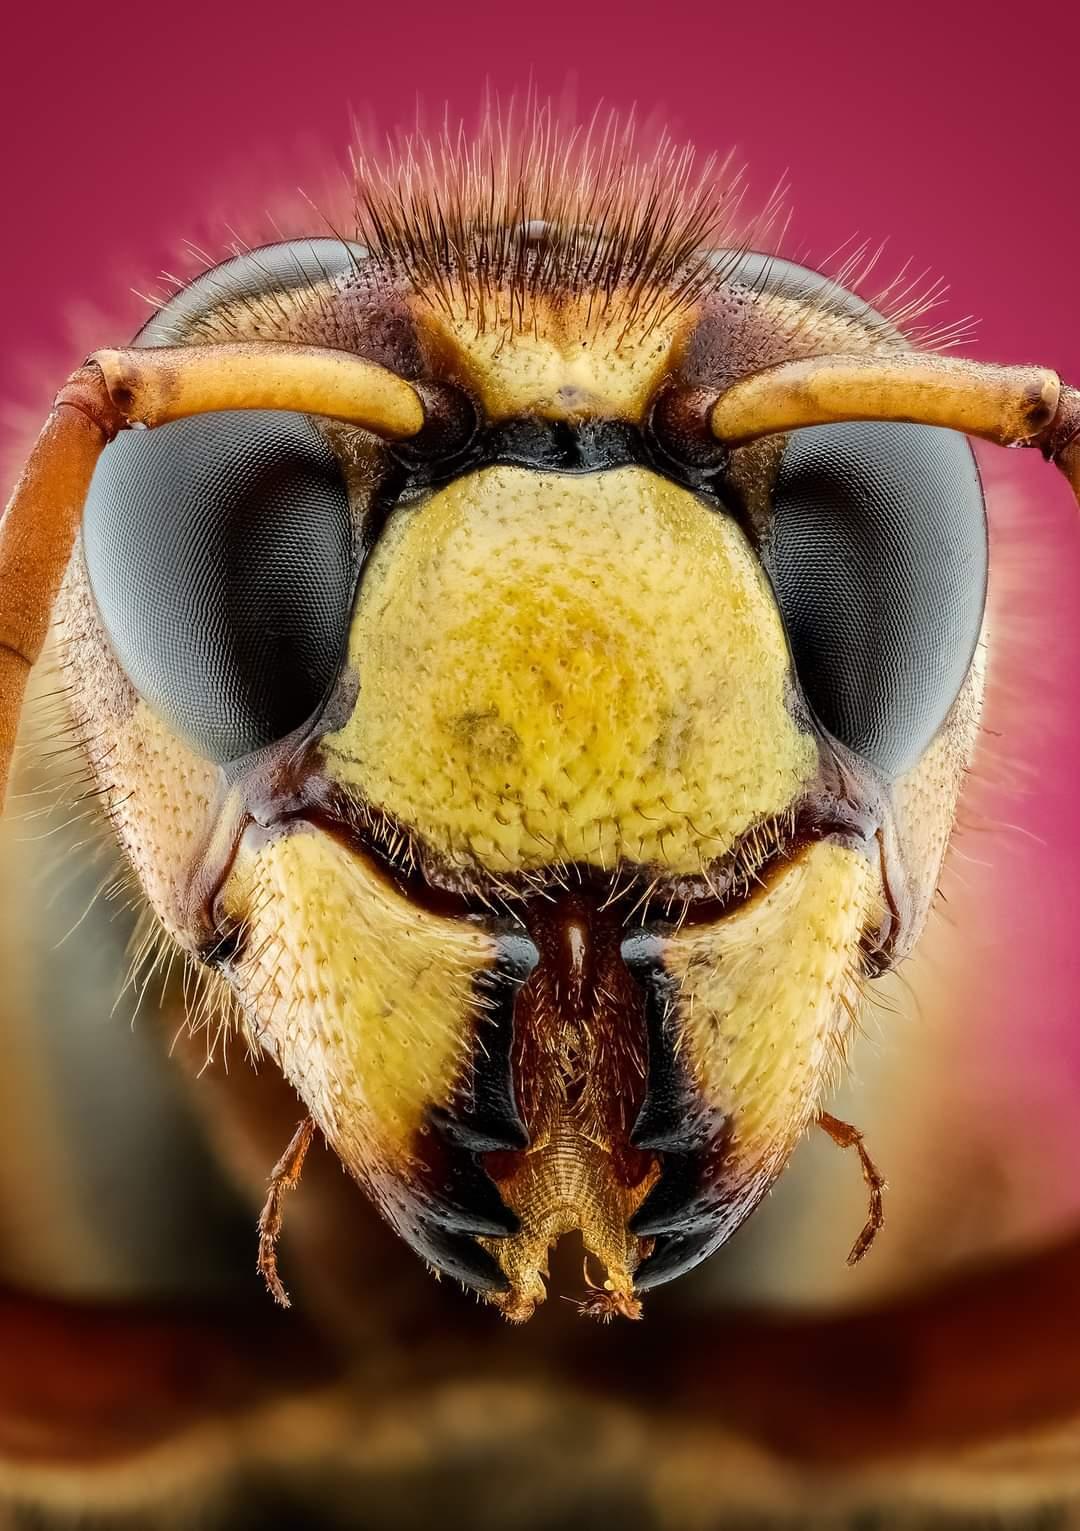 Hoornaar - ik heb ca 105 fotos gestacked met de Laowa25mm ultra macro  iso 400 f5.6 1/125 - foto door marcojongsma op 24-08-2020 - deze foto bevat: roze, macro, zon, wesp, natuur, geel, licht, hoornaar, tegenlicht, zomer, insect, dauw, dof, bokeh, focusstacking, focus stacking, extreme macro, extrememacro